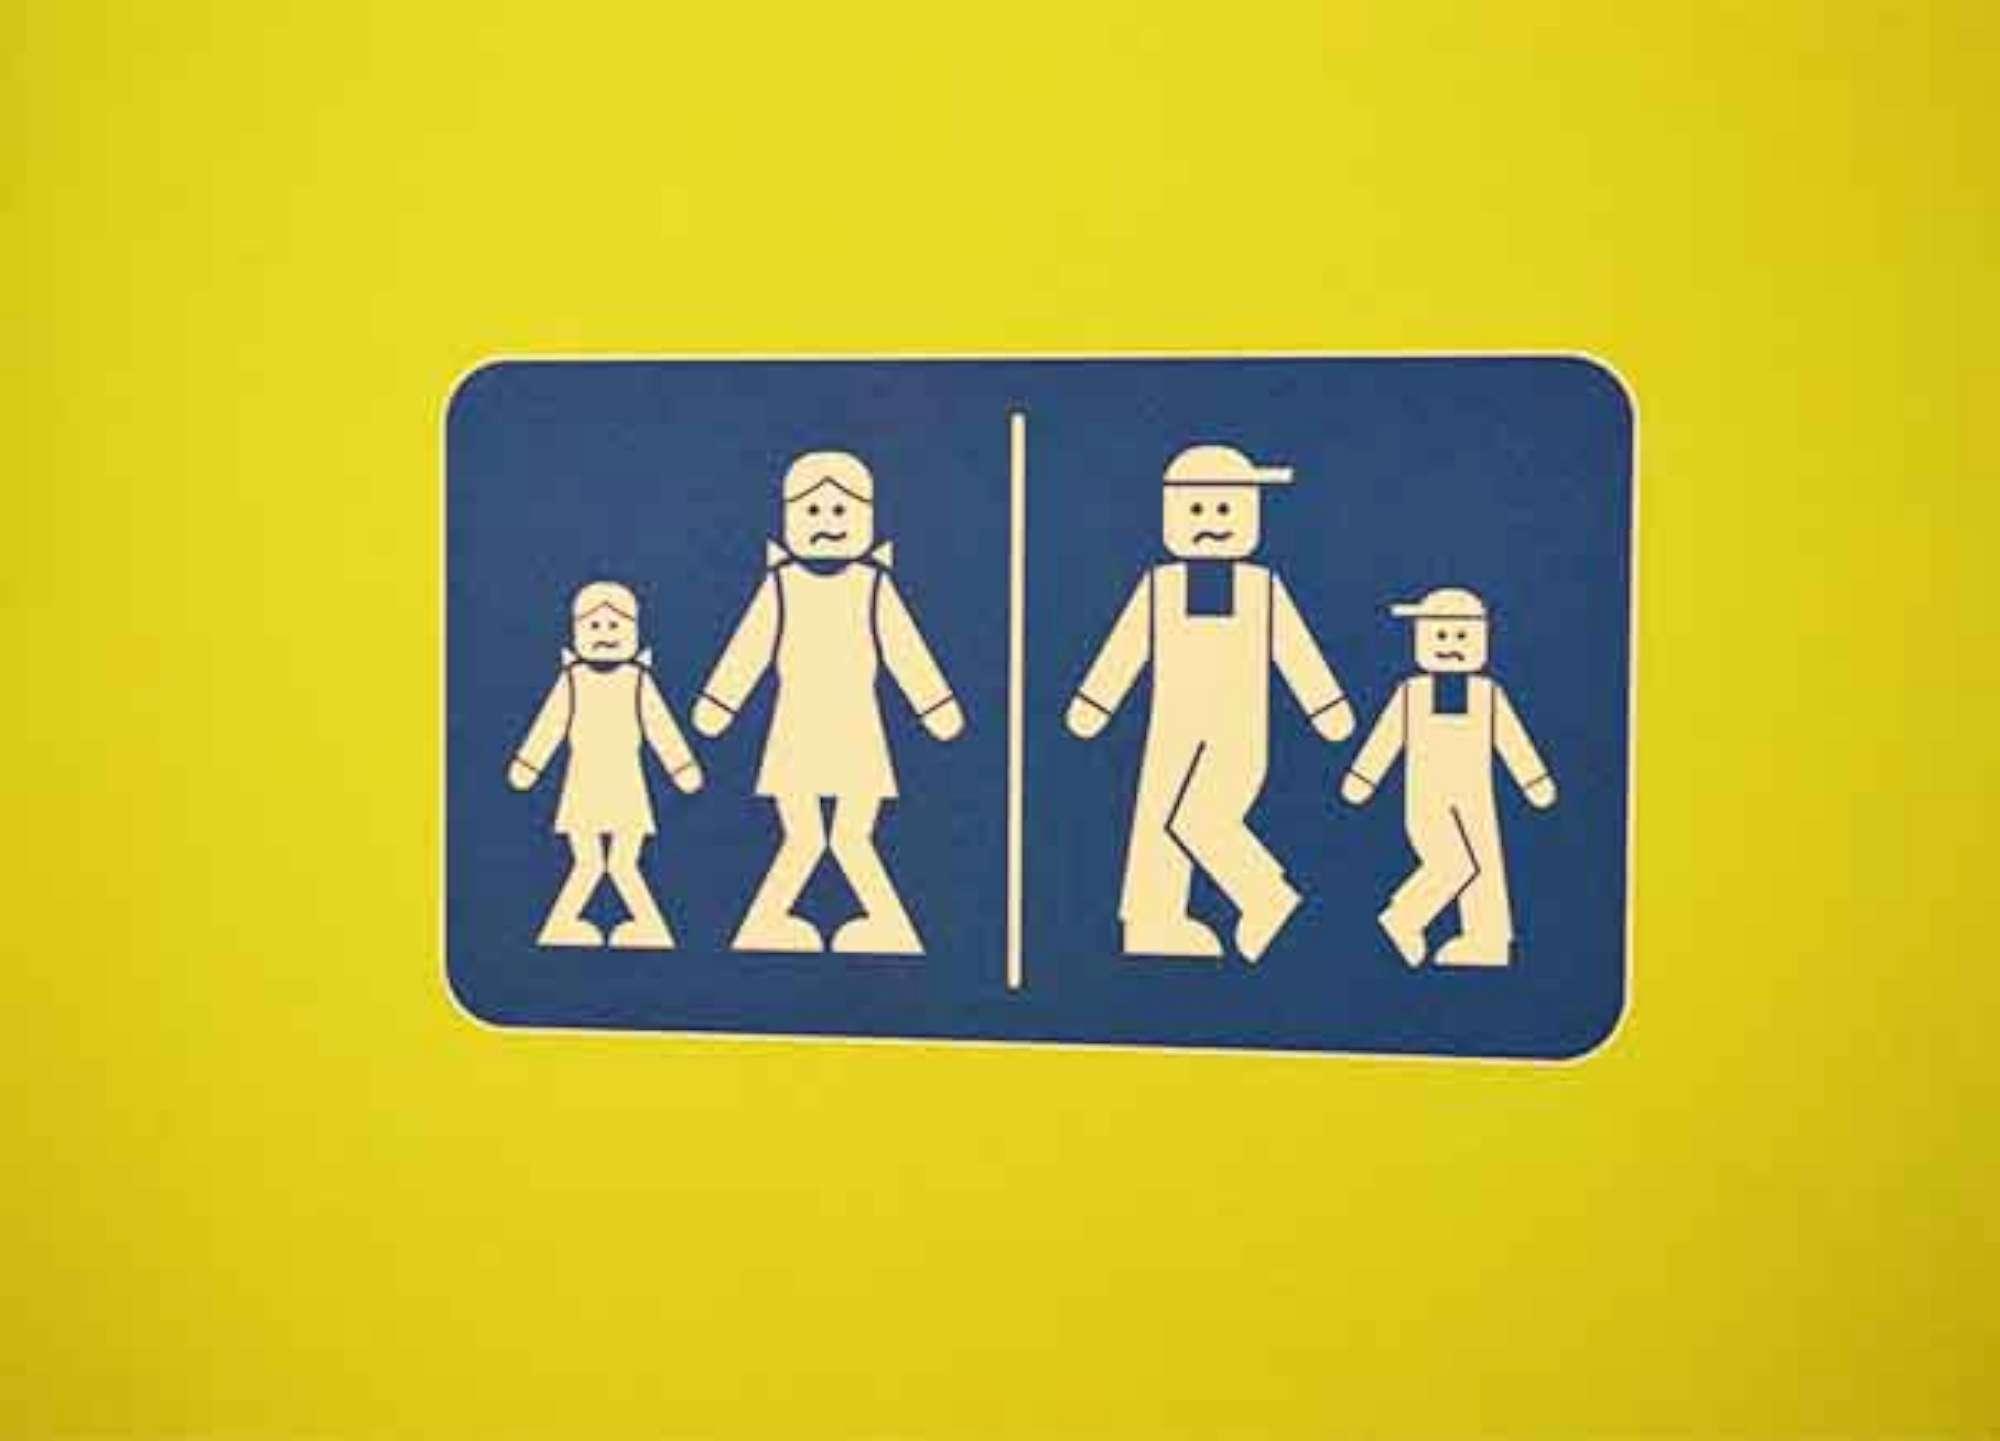 Cartello Per Bagno Signore : Al wc con fantasia: le indicazioni e i cartelli più bizzarri del